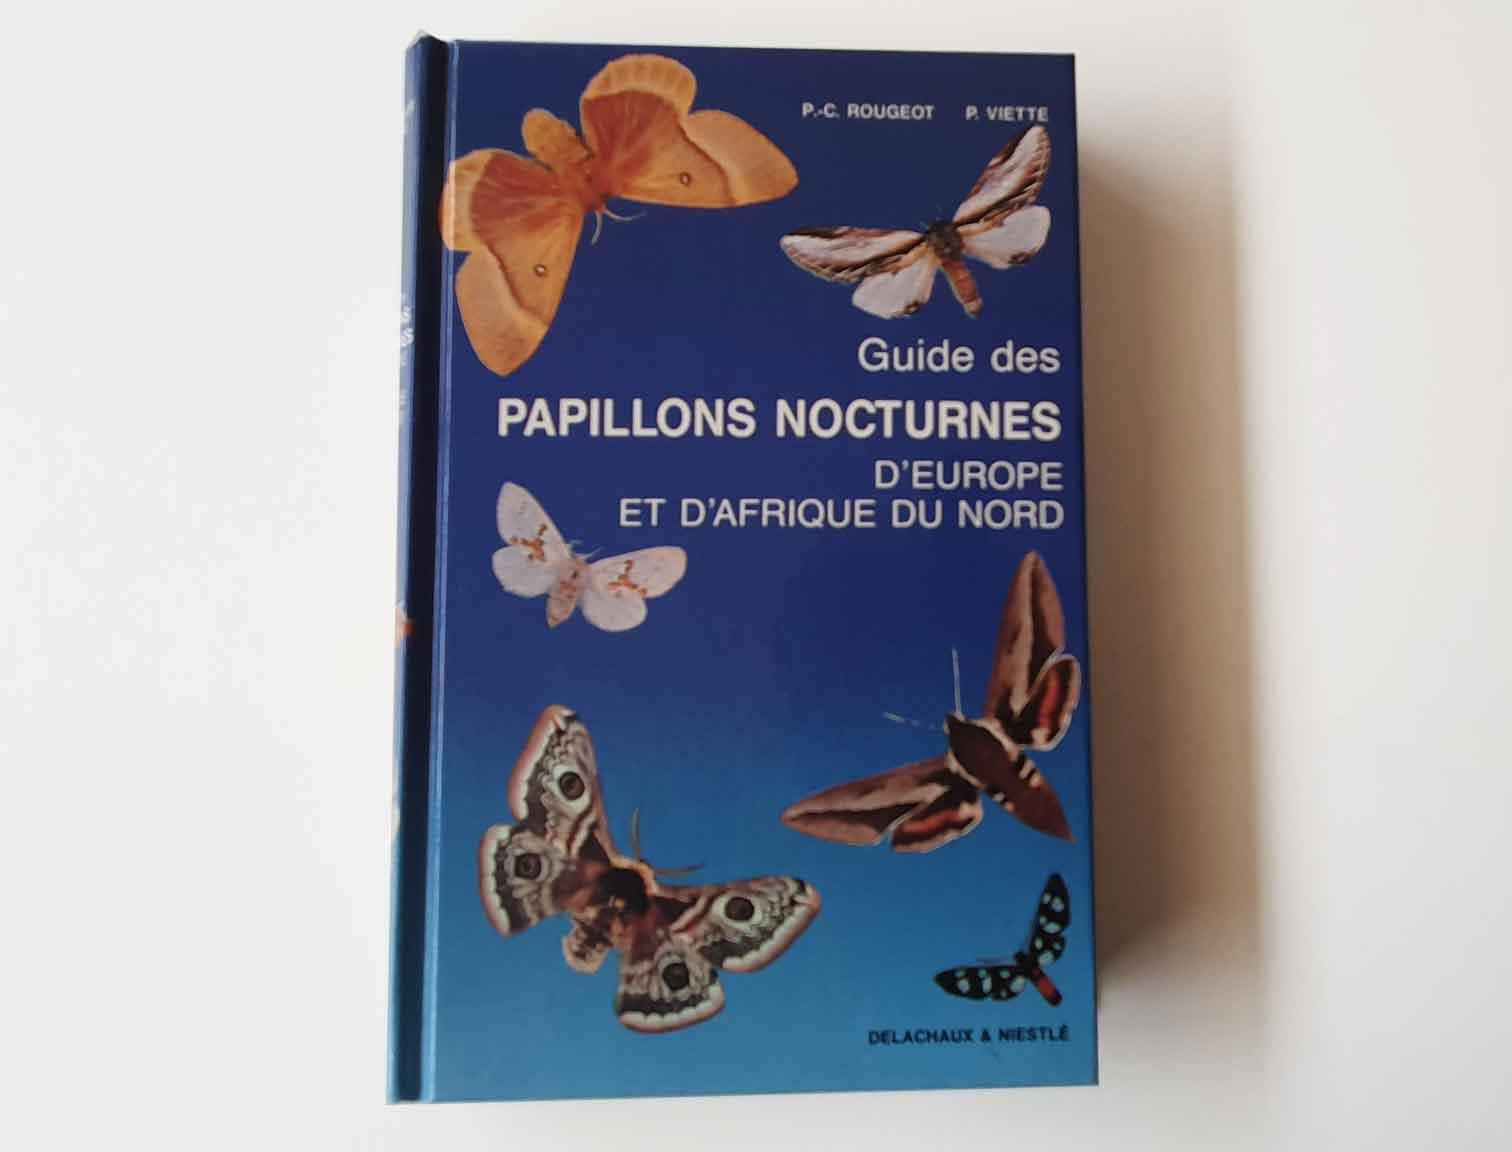 guide-des-papillons-nocturnes